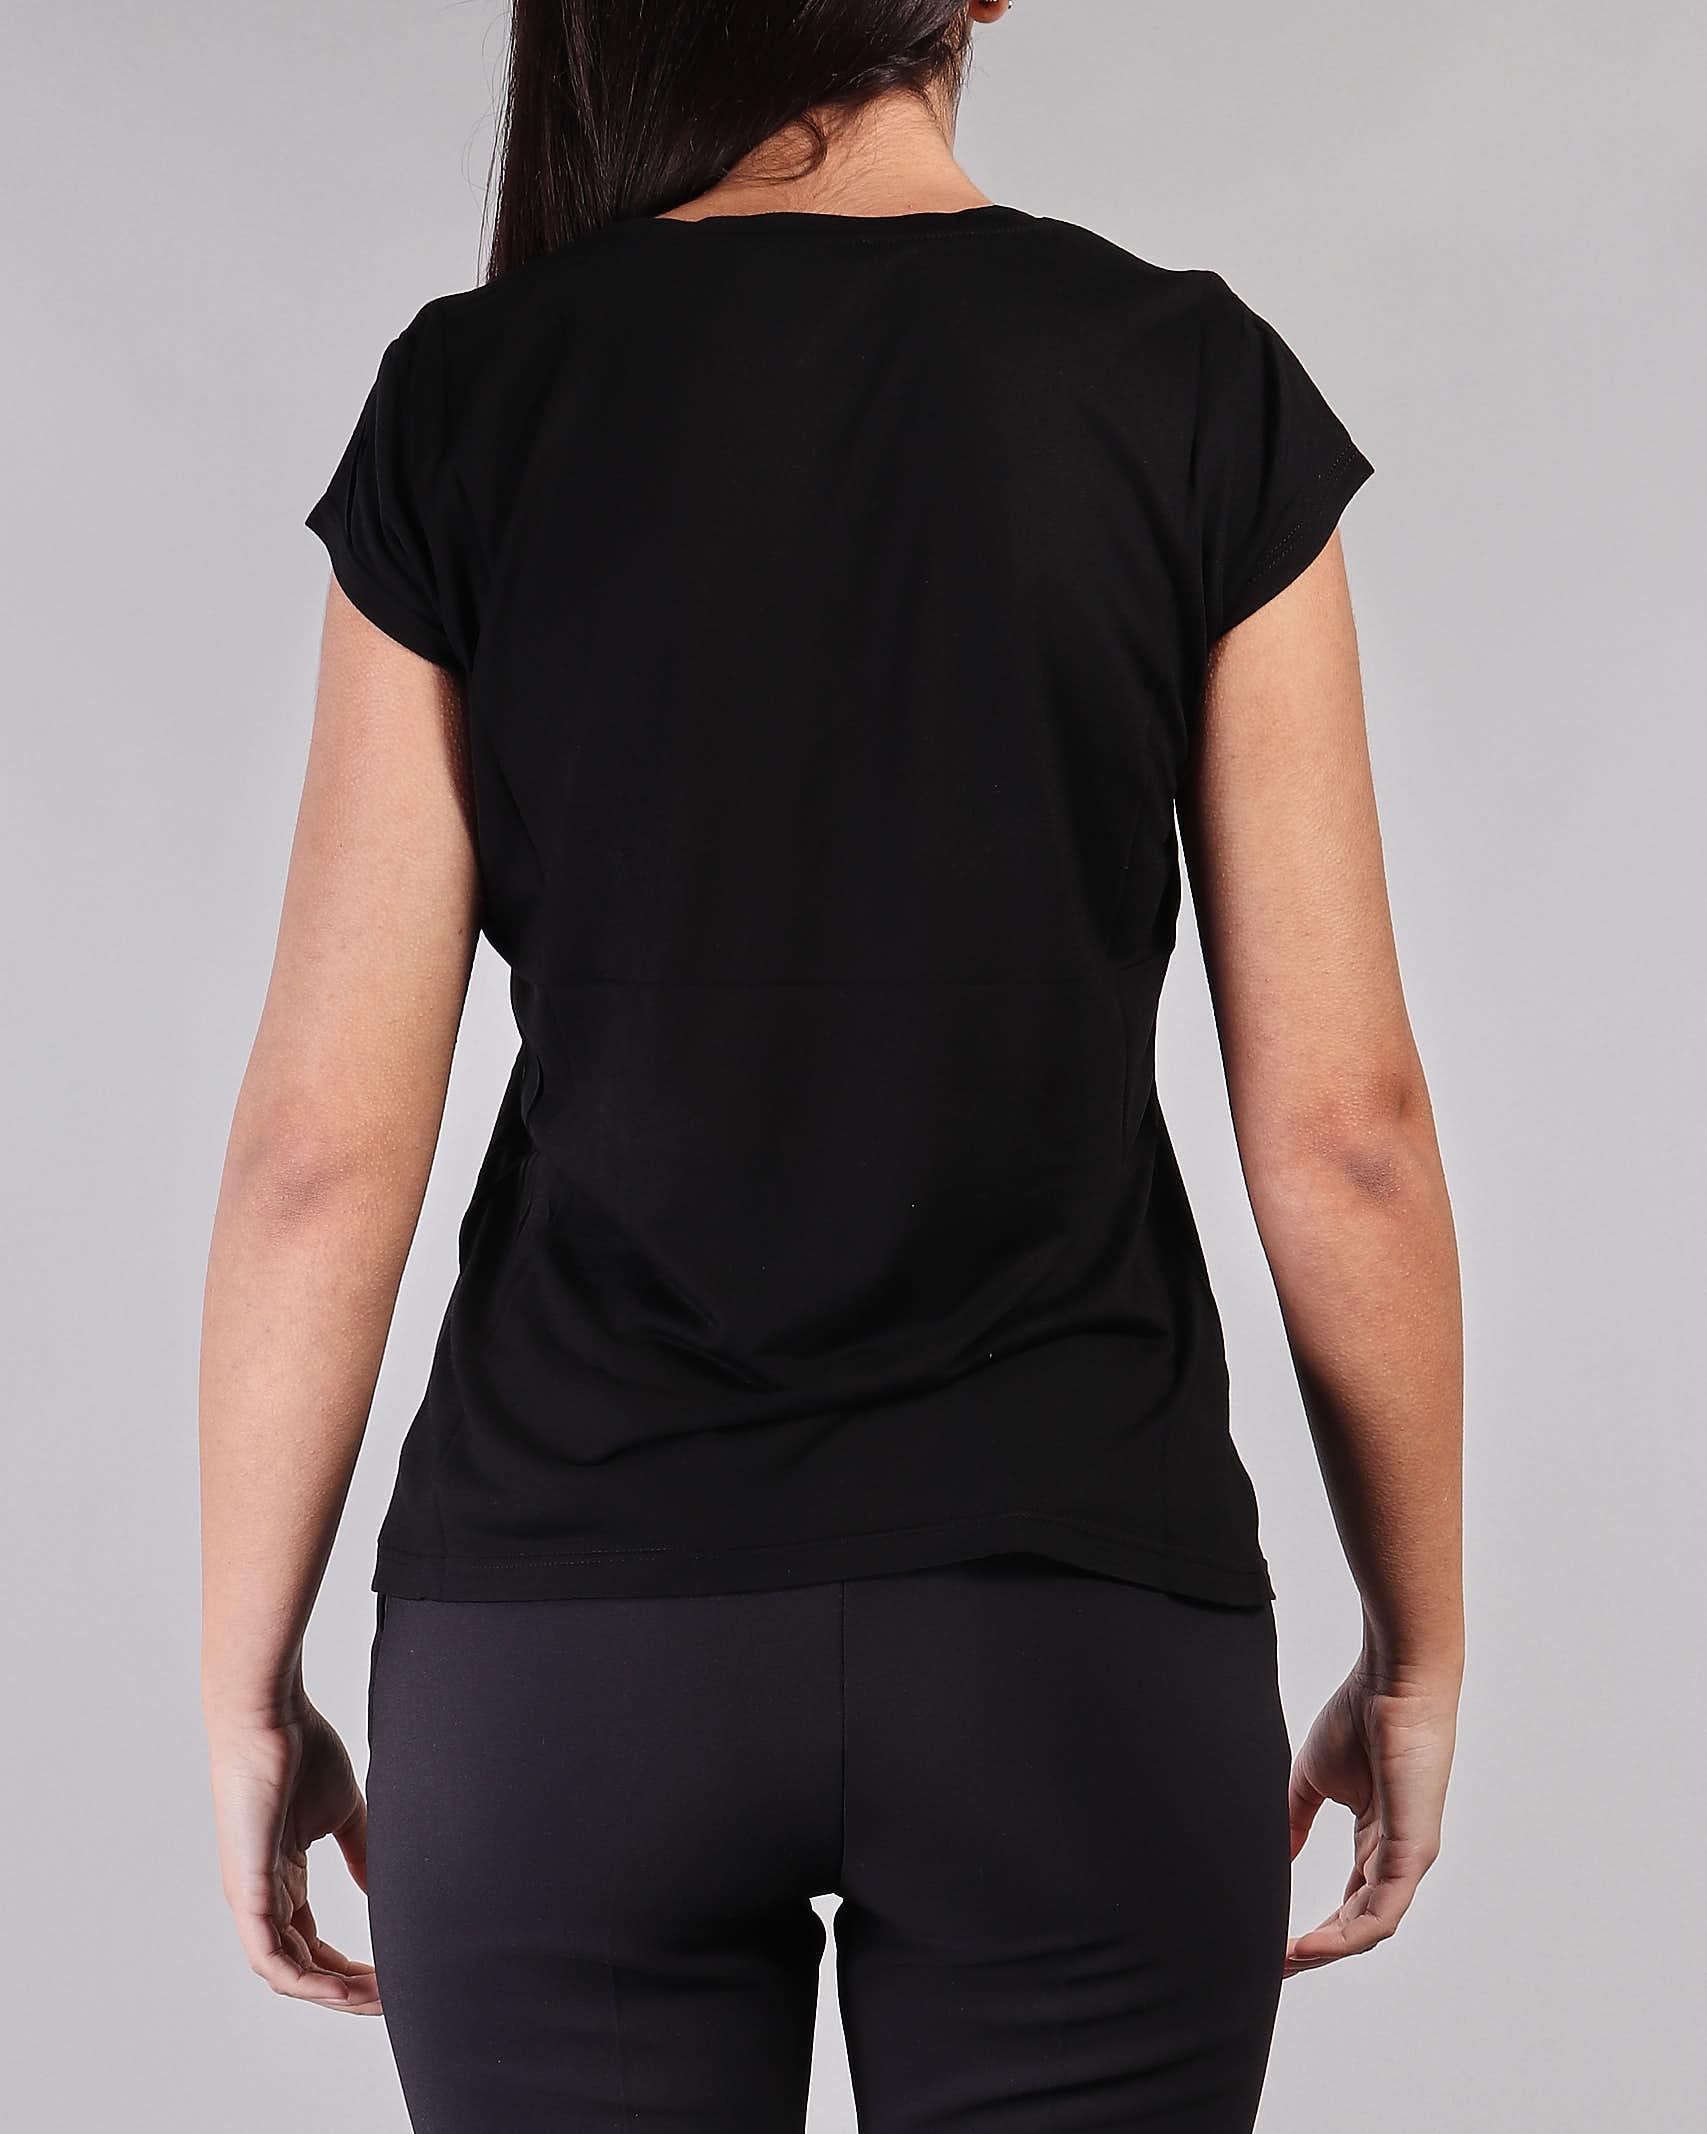 T-shirt manica corta con logo e micro catene Elisabetta Franchi ELISABETTA FRANCHI | T-shirt | MA19711E2110